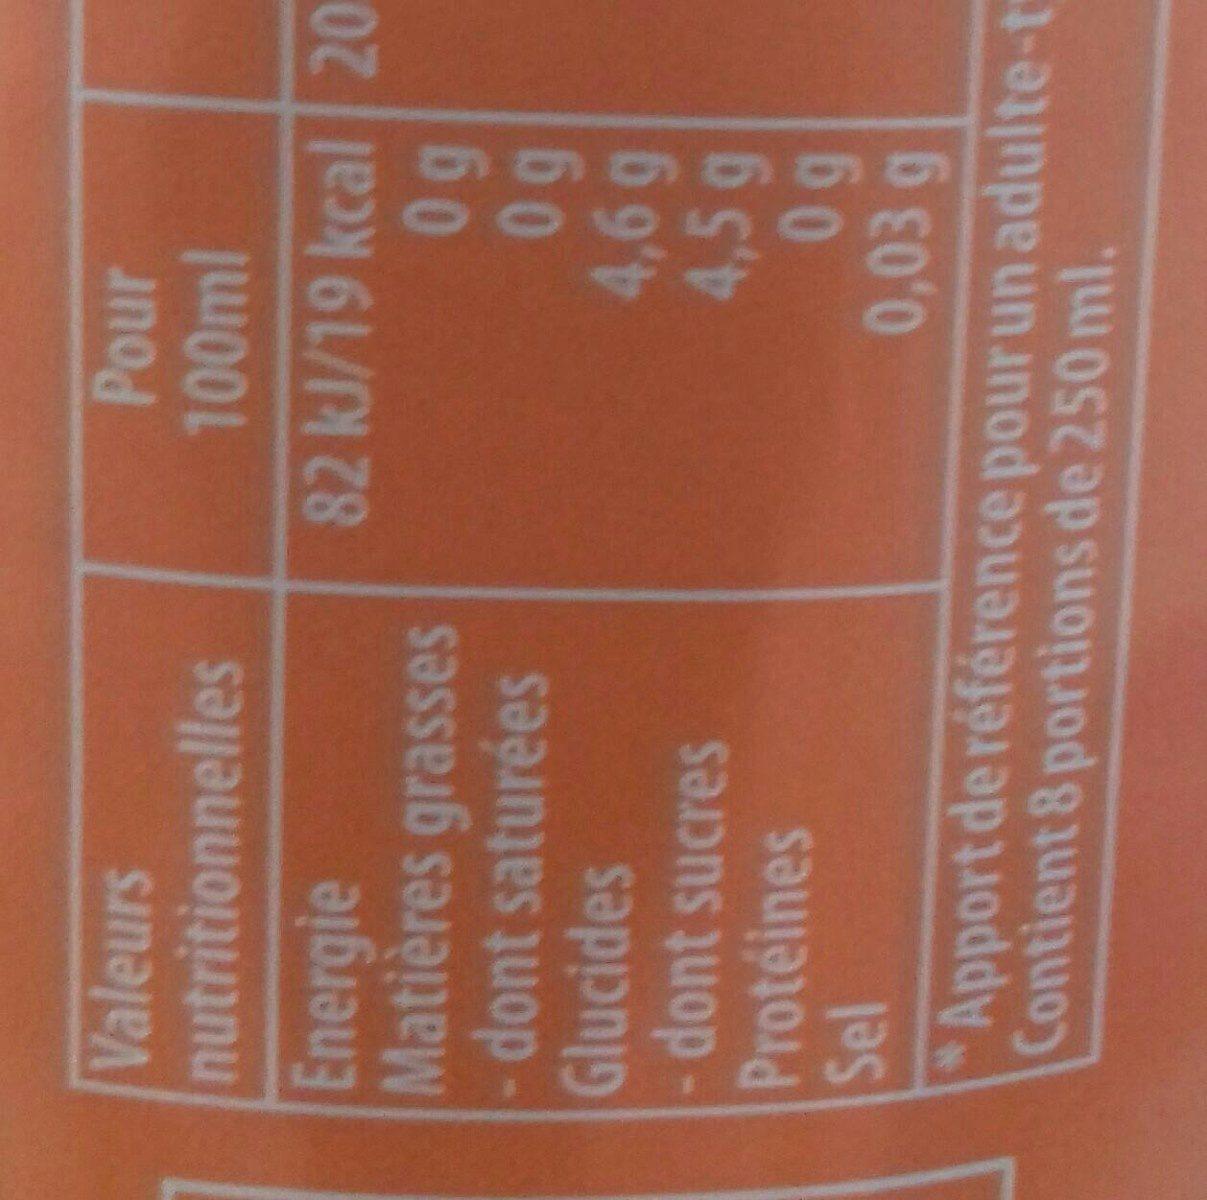 Lipton Ice Tea saveur pêche format familial 4 x 2 L - Informations nutritionnelles - fr